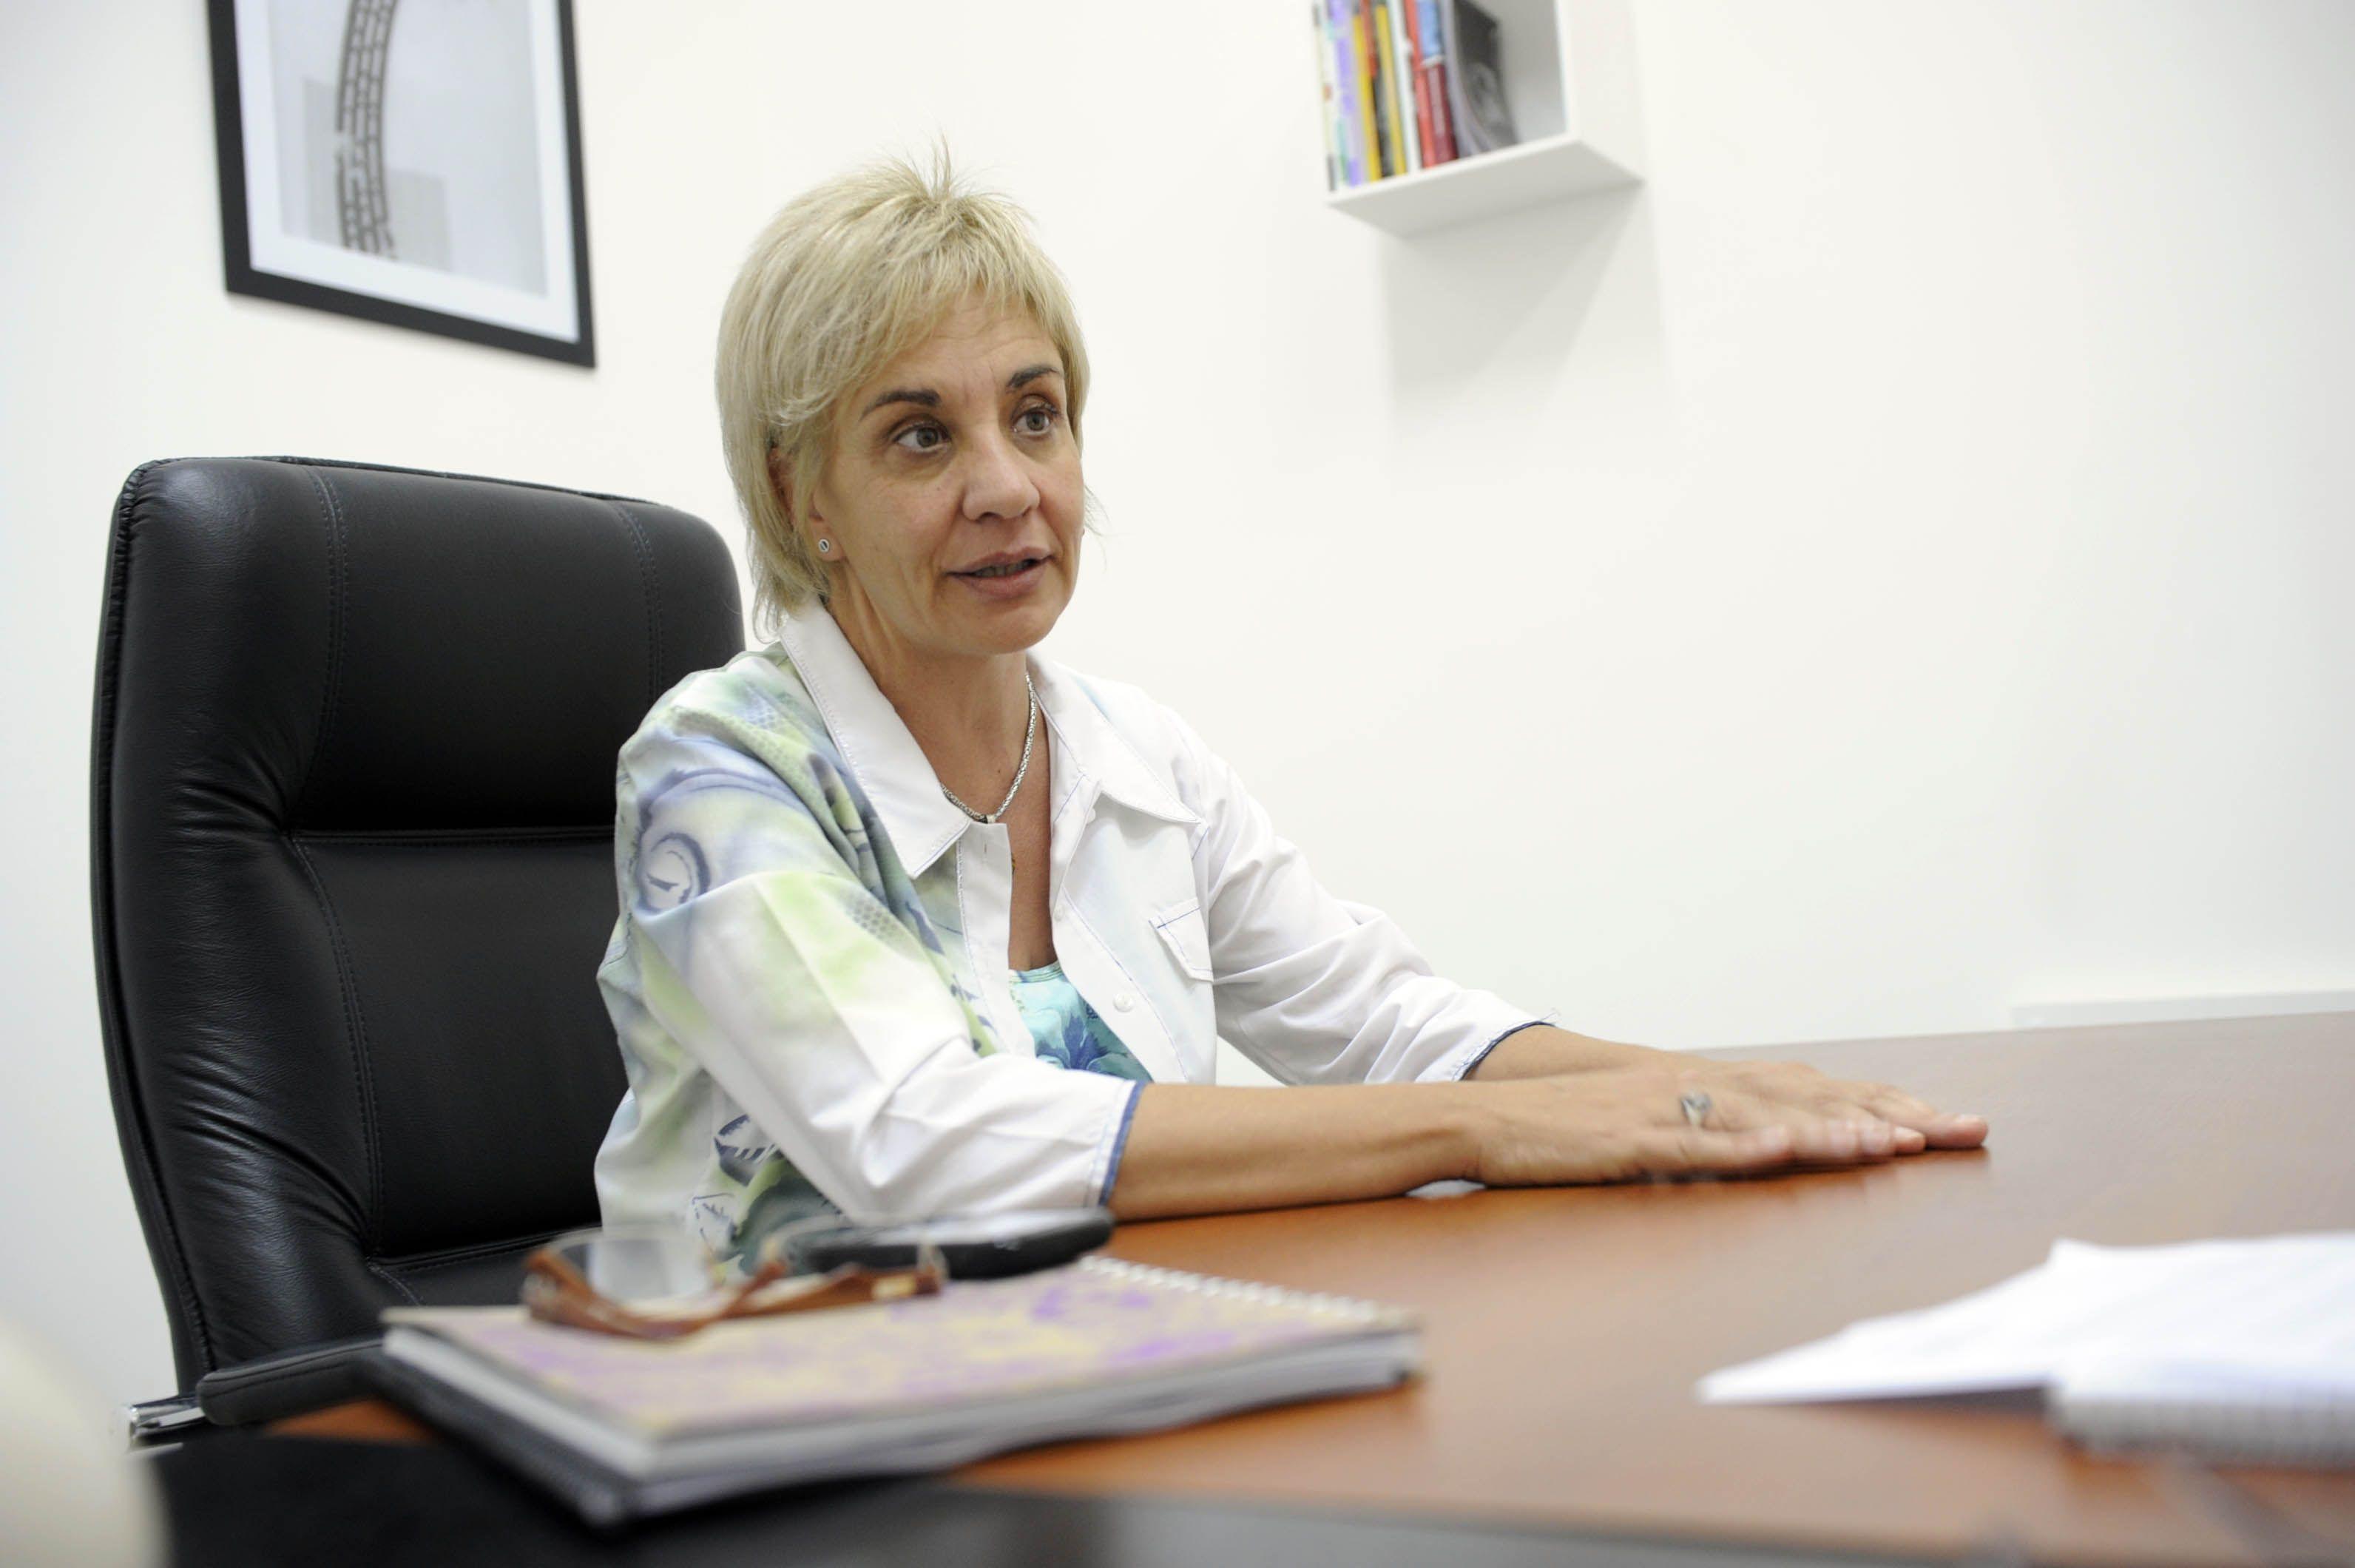 Las versiones sobre la posible renuncia de la ministra de Educación